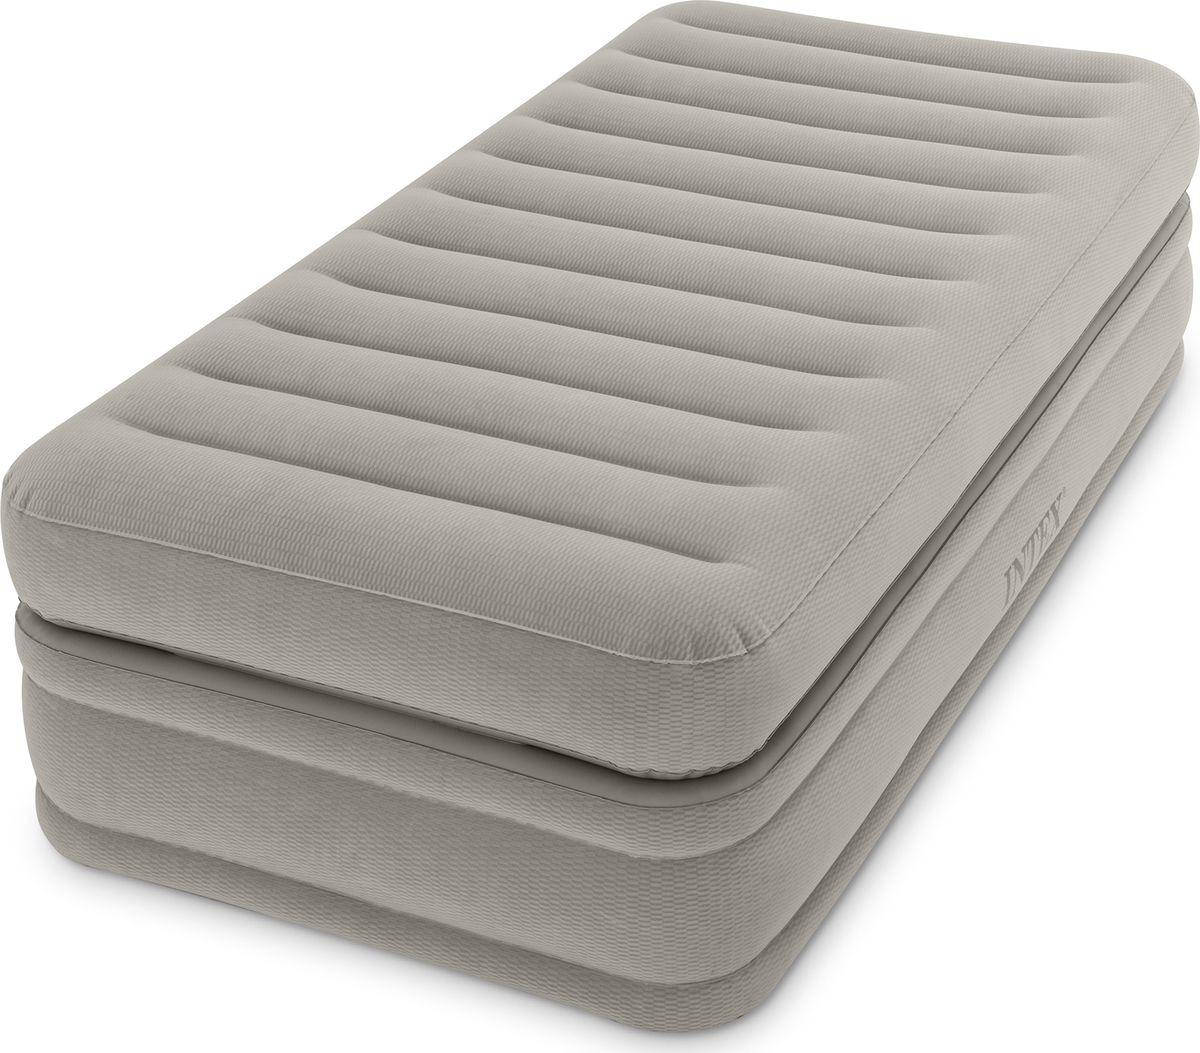 Матрас надувной Intex, с64444, со встроенным насосом, 99 х 191 х 51 см